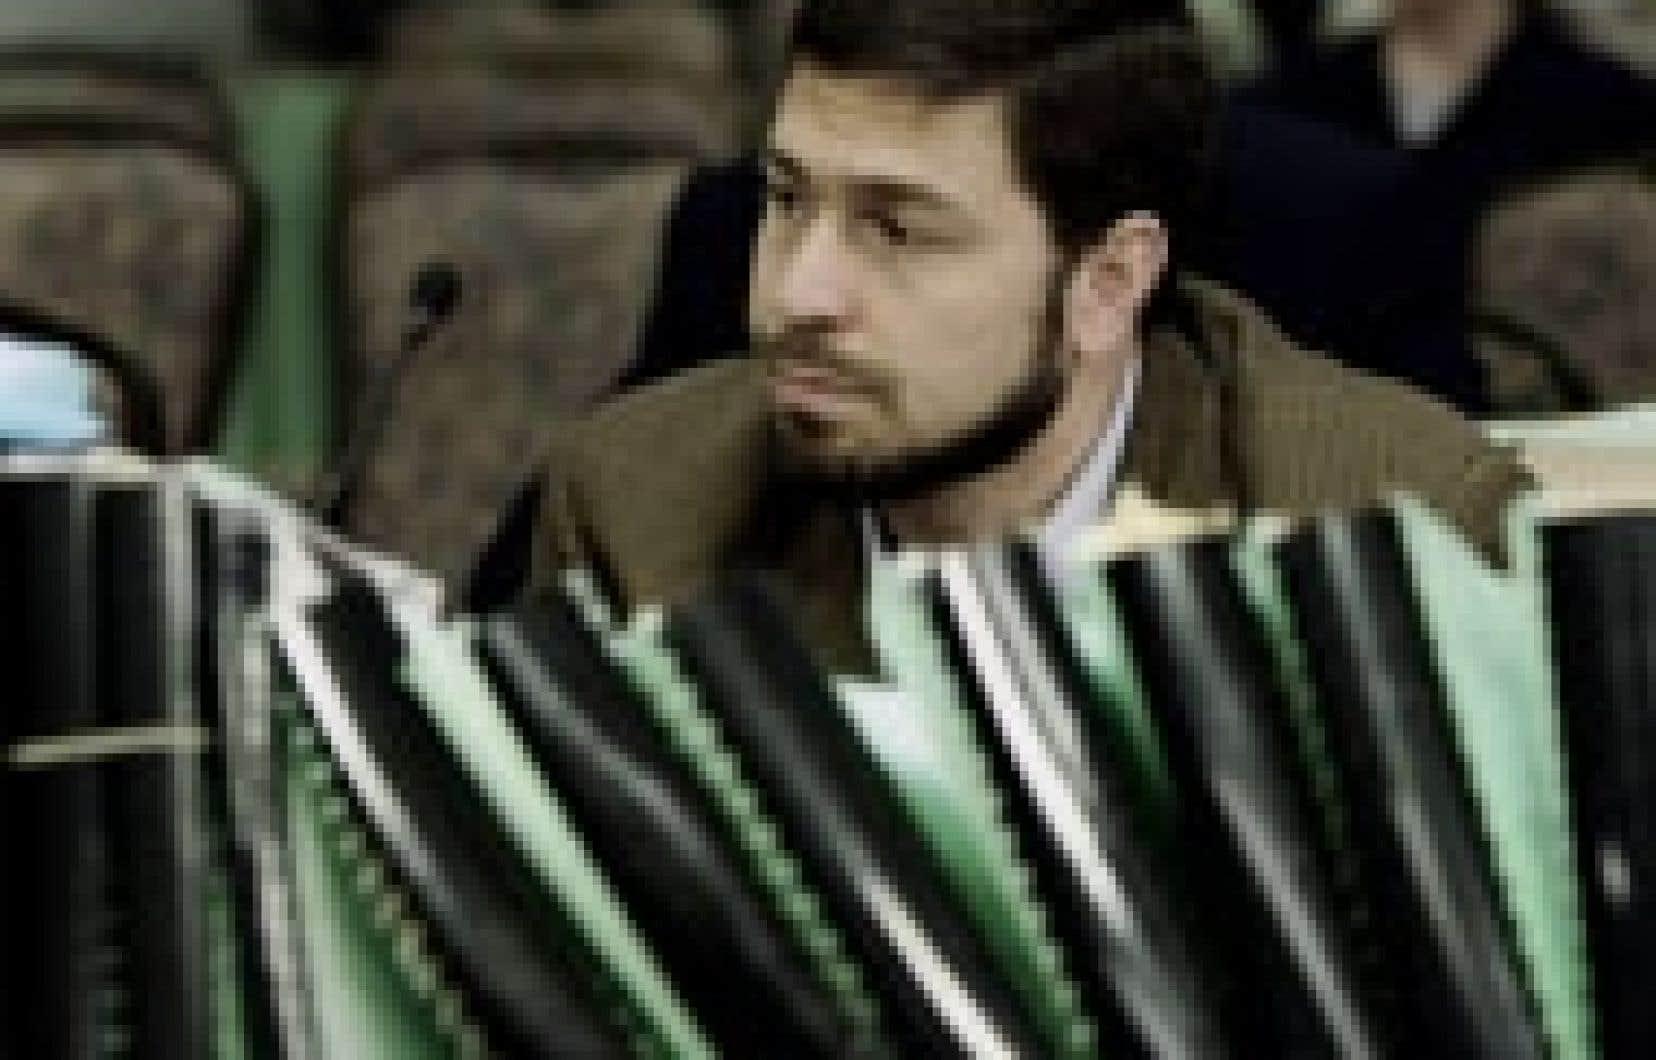 Maher Arar écoute attentivement les témoignages qui sont rendus à l'enquête publique chargée de faire la lumière sur ce qu'il est convenu d'appeler l'affaire Arar.